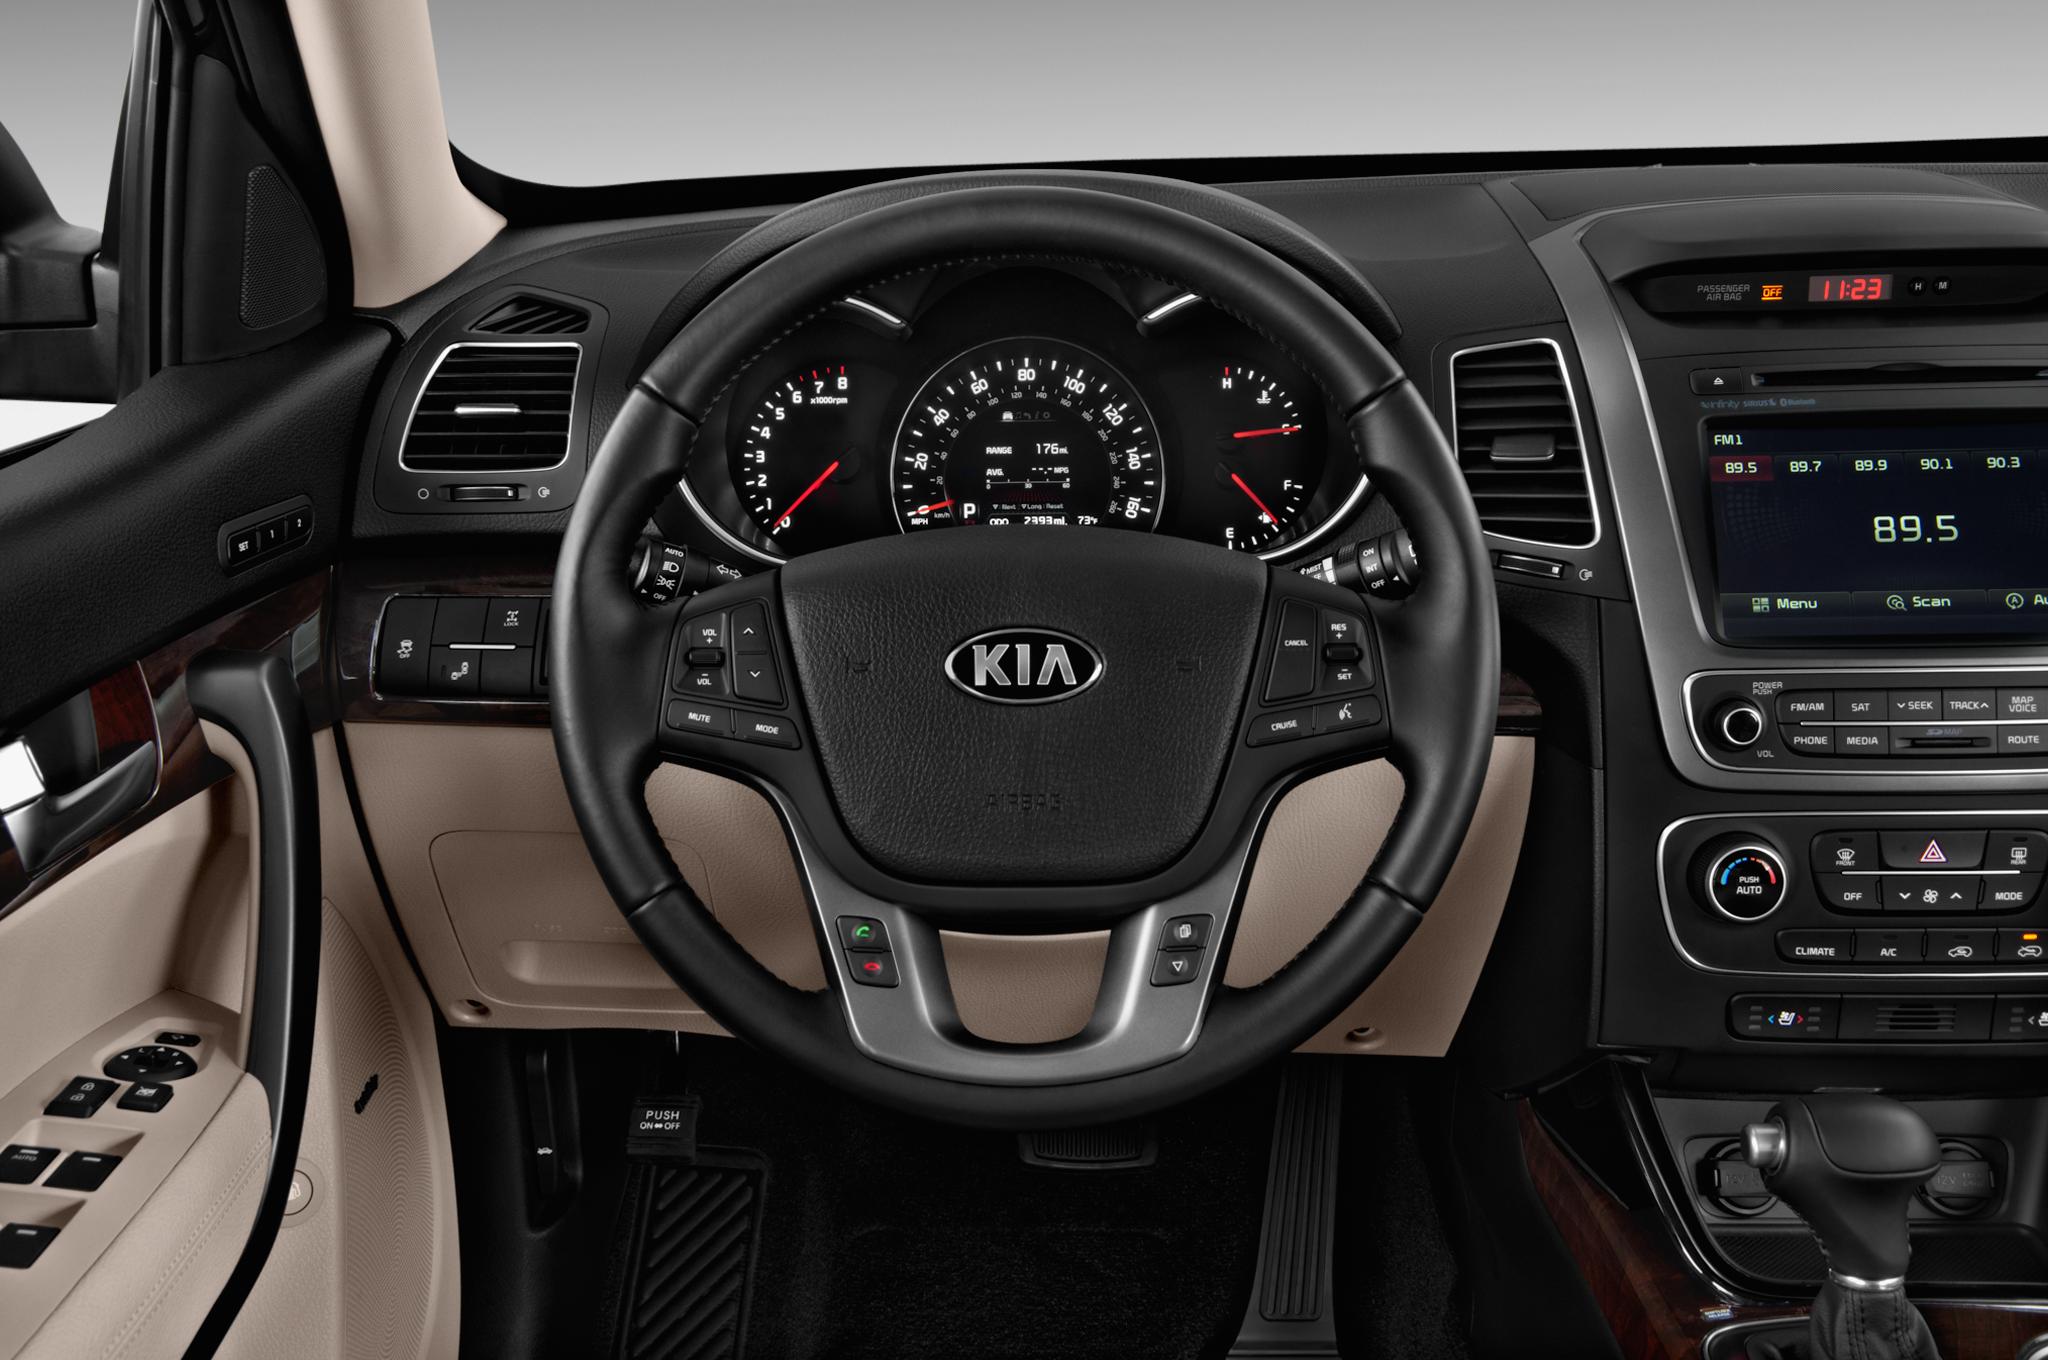 Kia Sorento 2018 Interior >> 2016 Kia Sorento Interior Teased Ahead of Korean Premiere